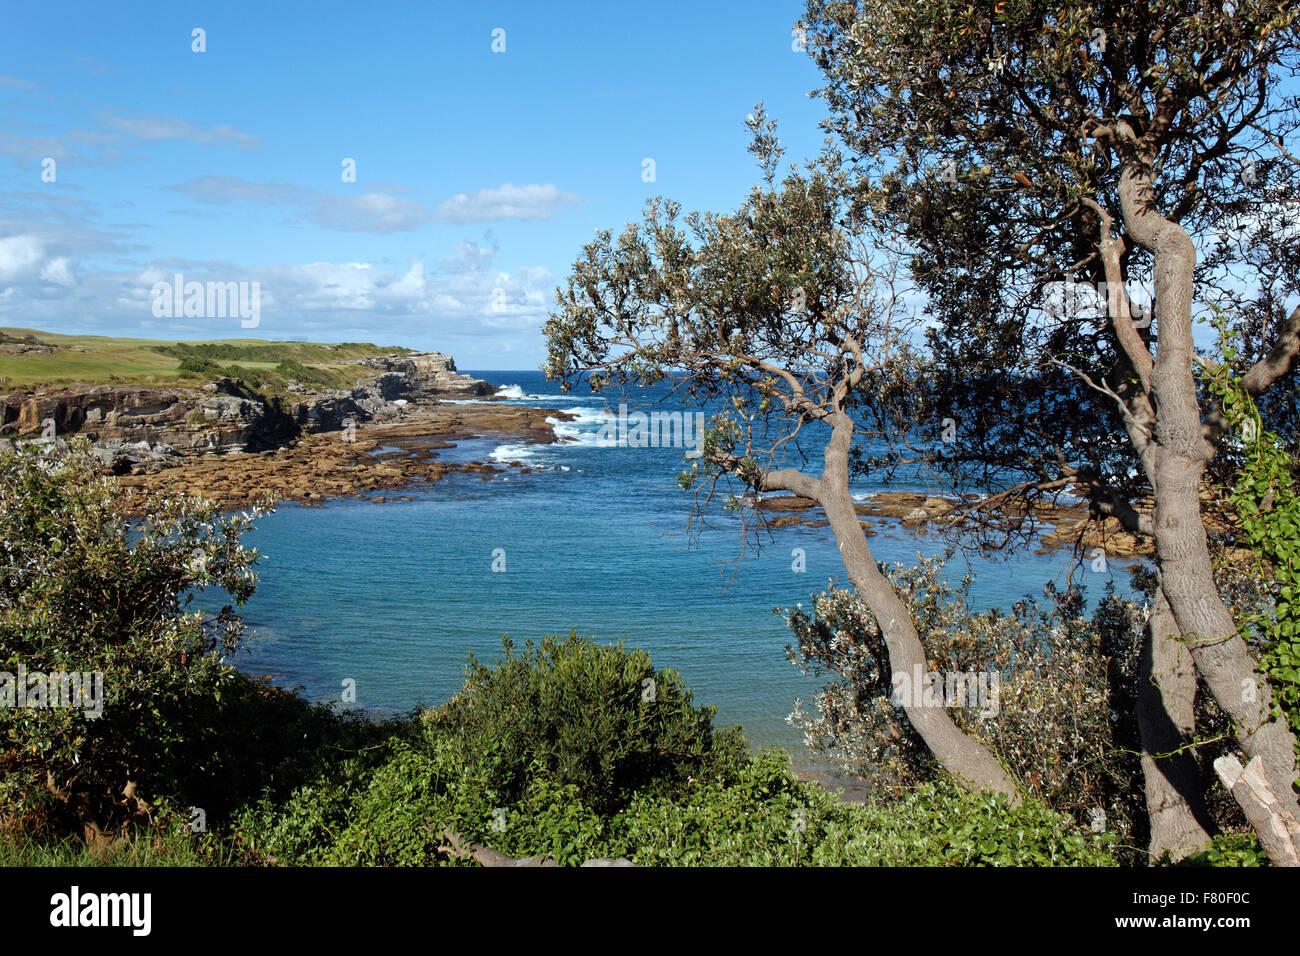 Little Bay I Sydney I Australia - Stock Image